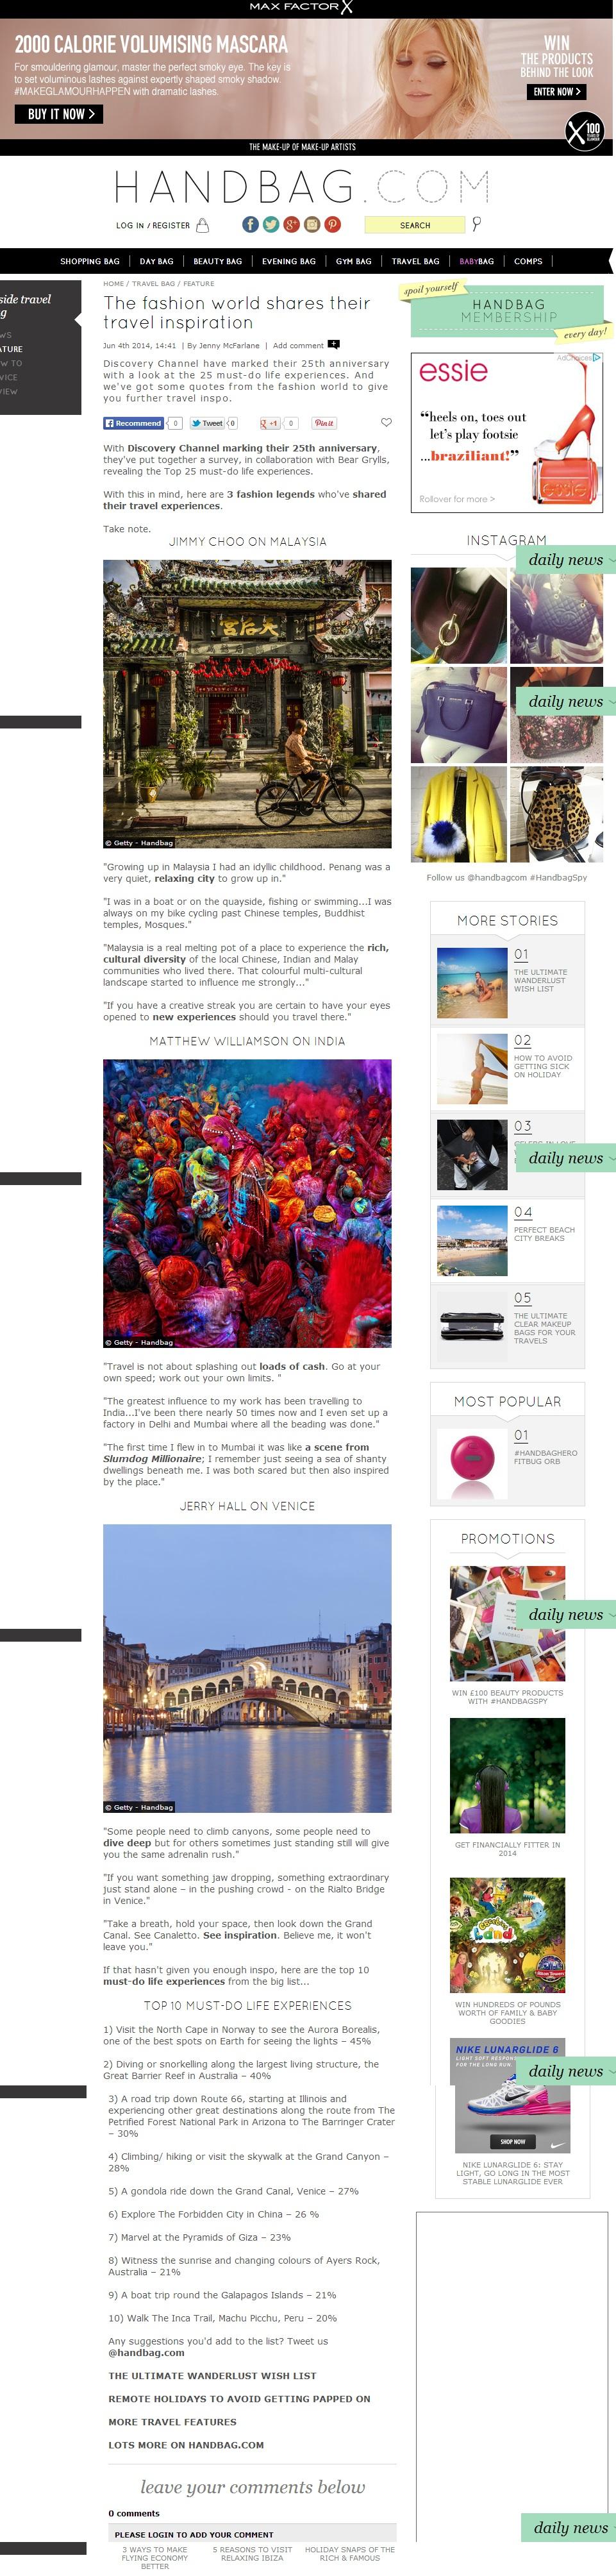 screencapture-www-handbag-com-travel-bag-feature-a575475-the-fashion-world-shares-their-travel-inspiration-html